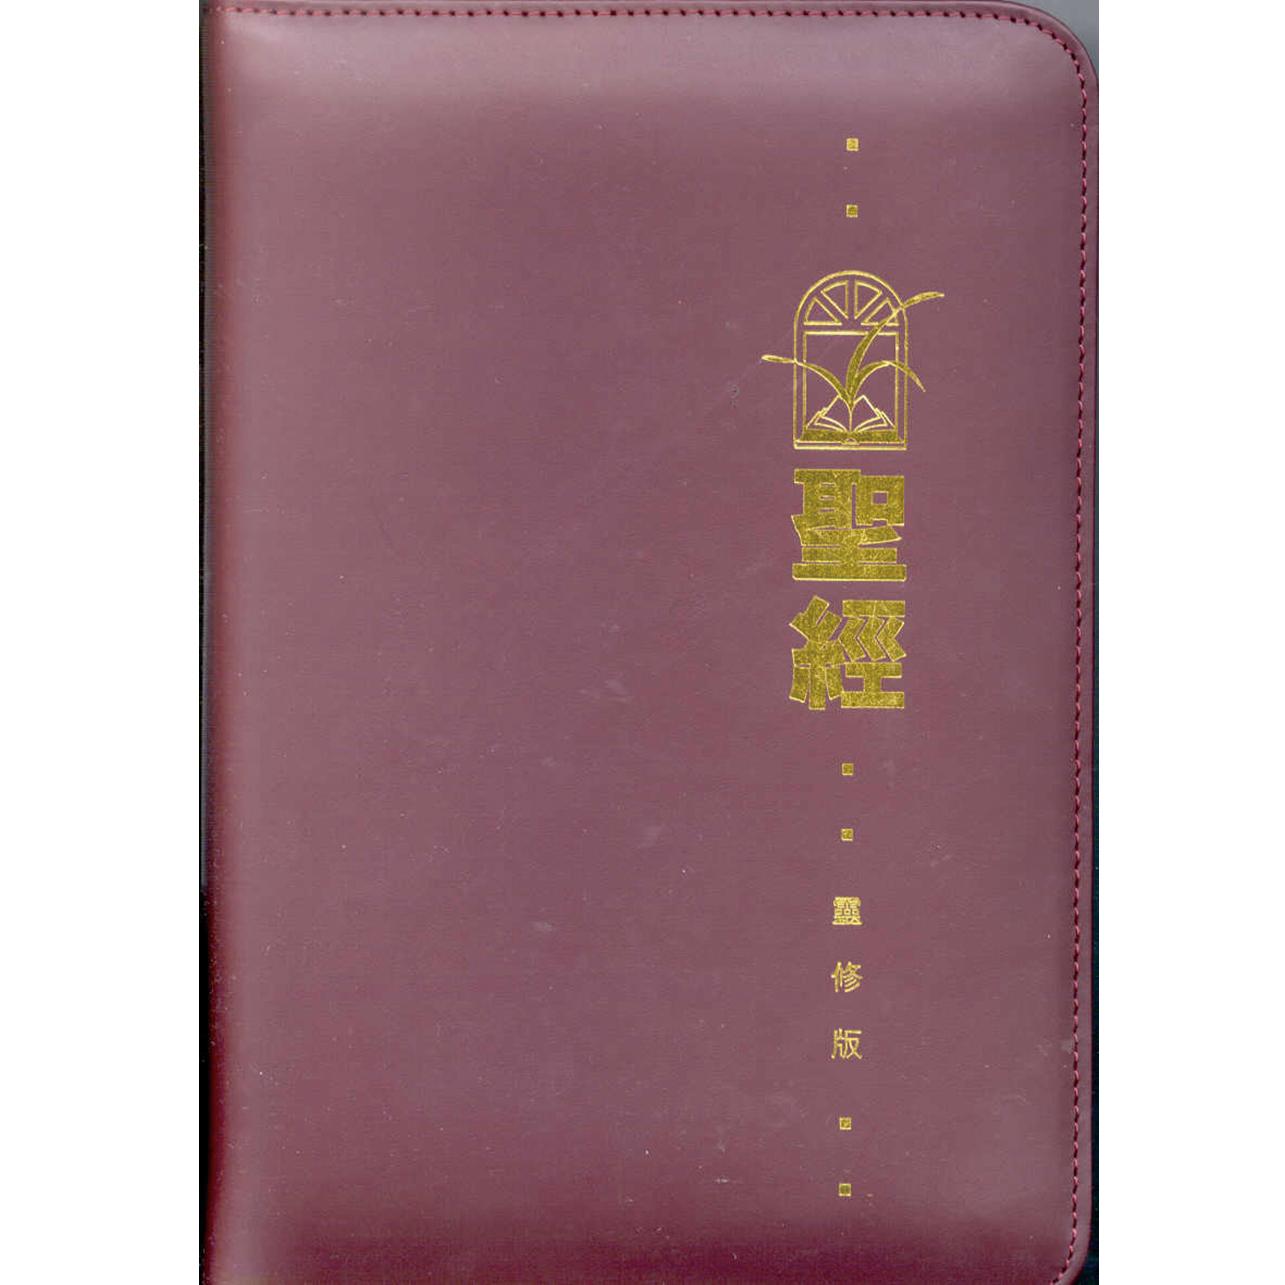 聖經靈修版(皮面.紅色.拉鍊)